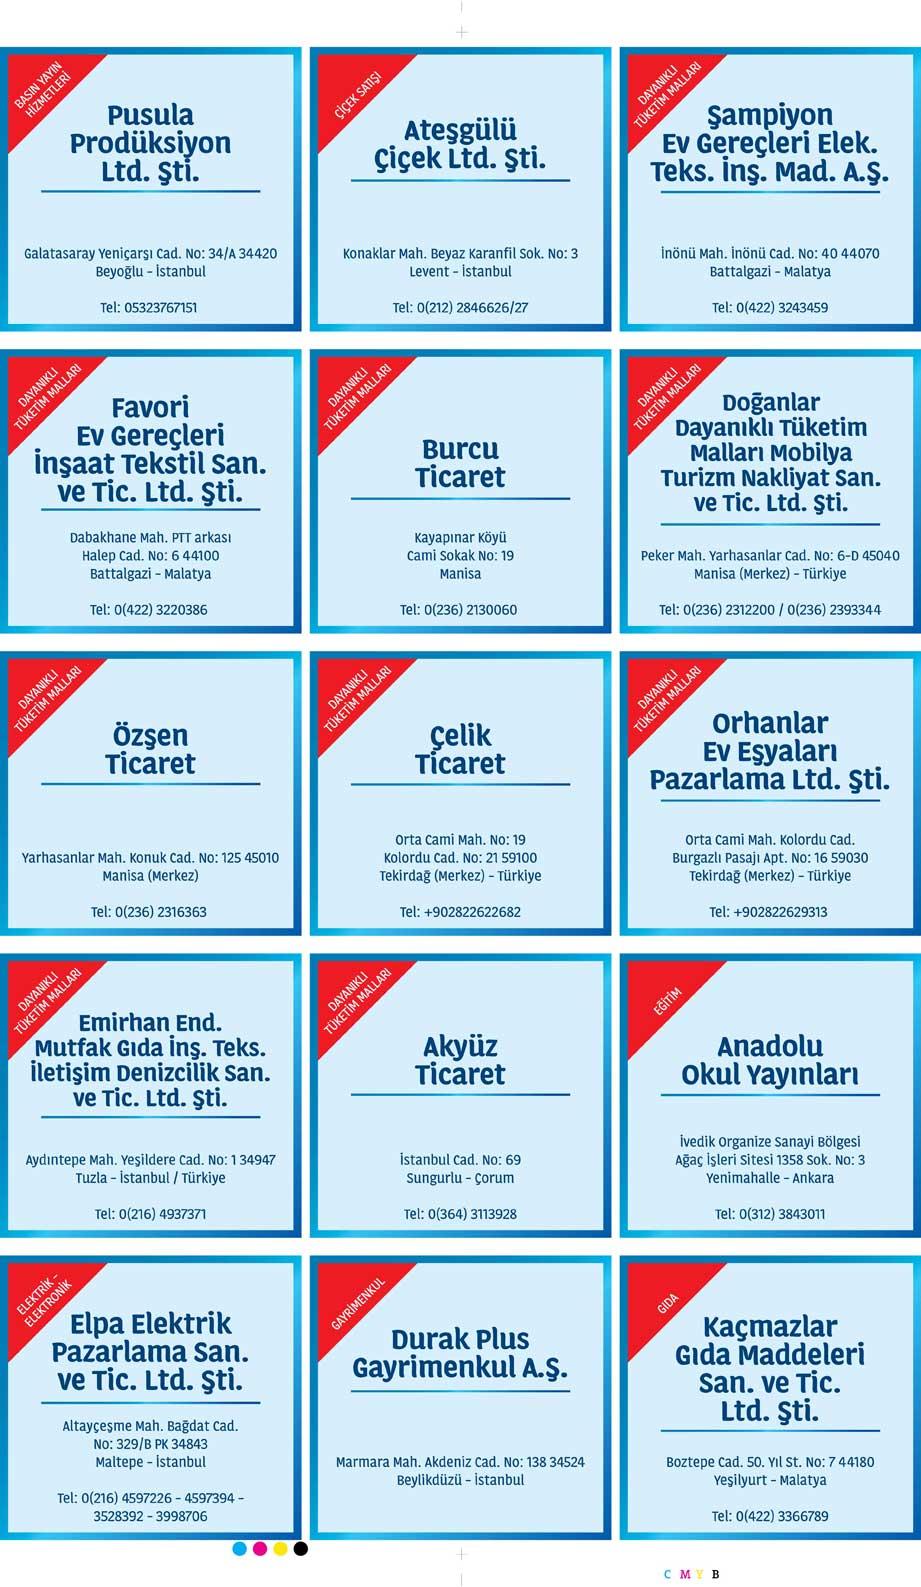 YAPI KREDİ / SME PROJECT / ECONOMY ENHANCERS